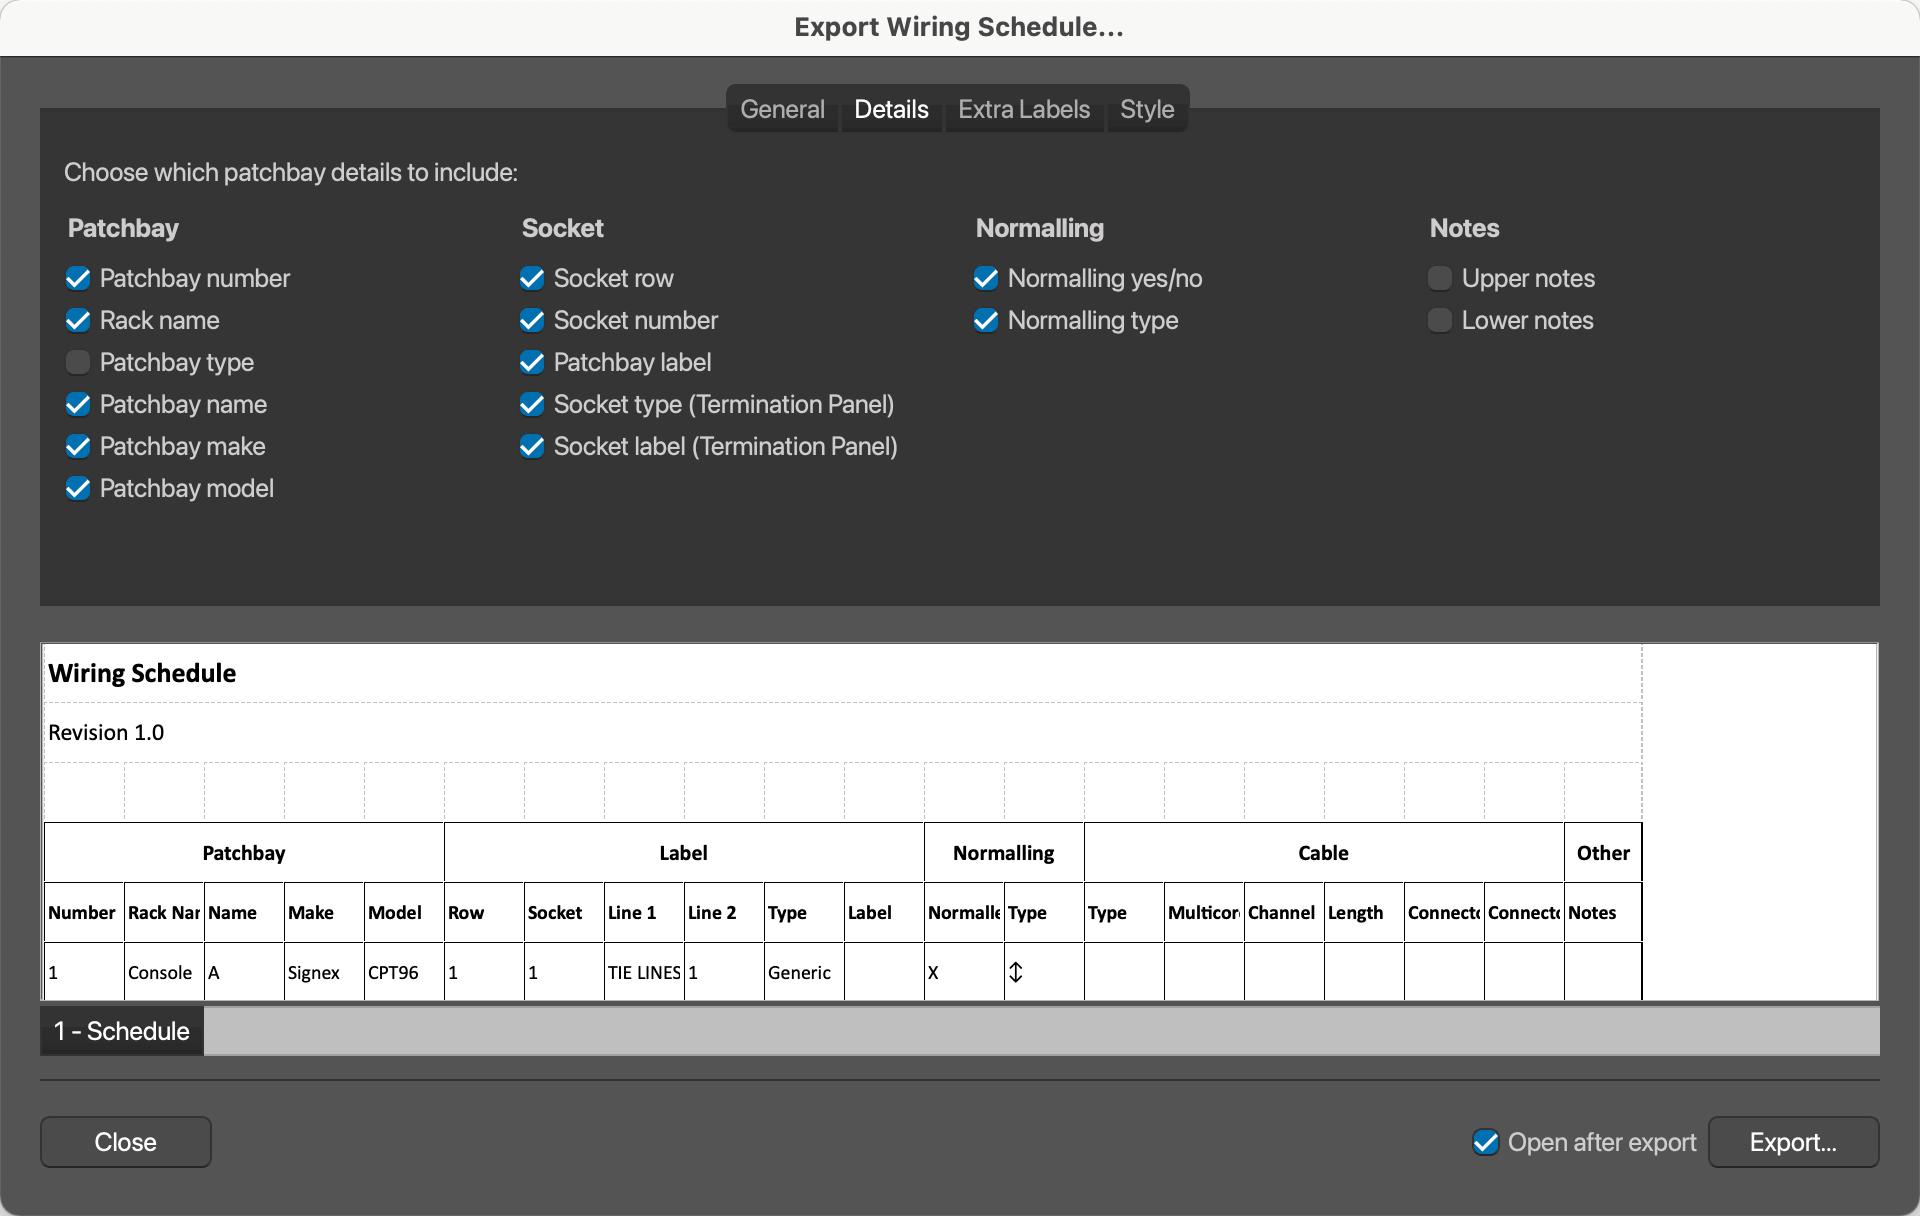 PatchCAD 3 - Export Wiring Schedule - Details